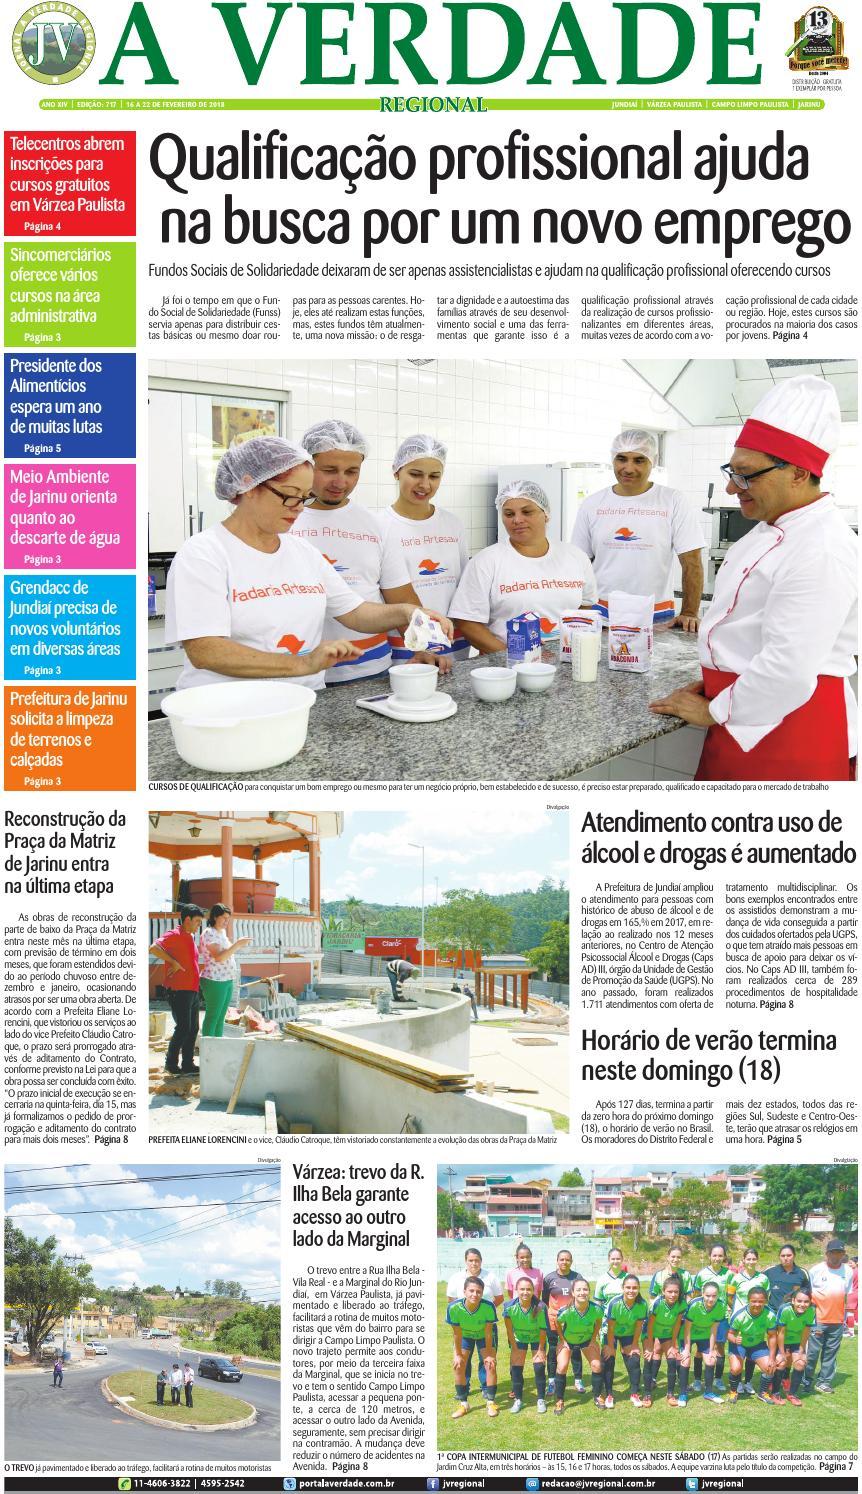 2f66ed571 JV Regional ® - Edição 717 by Jornal A Verdade Regional - issuu